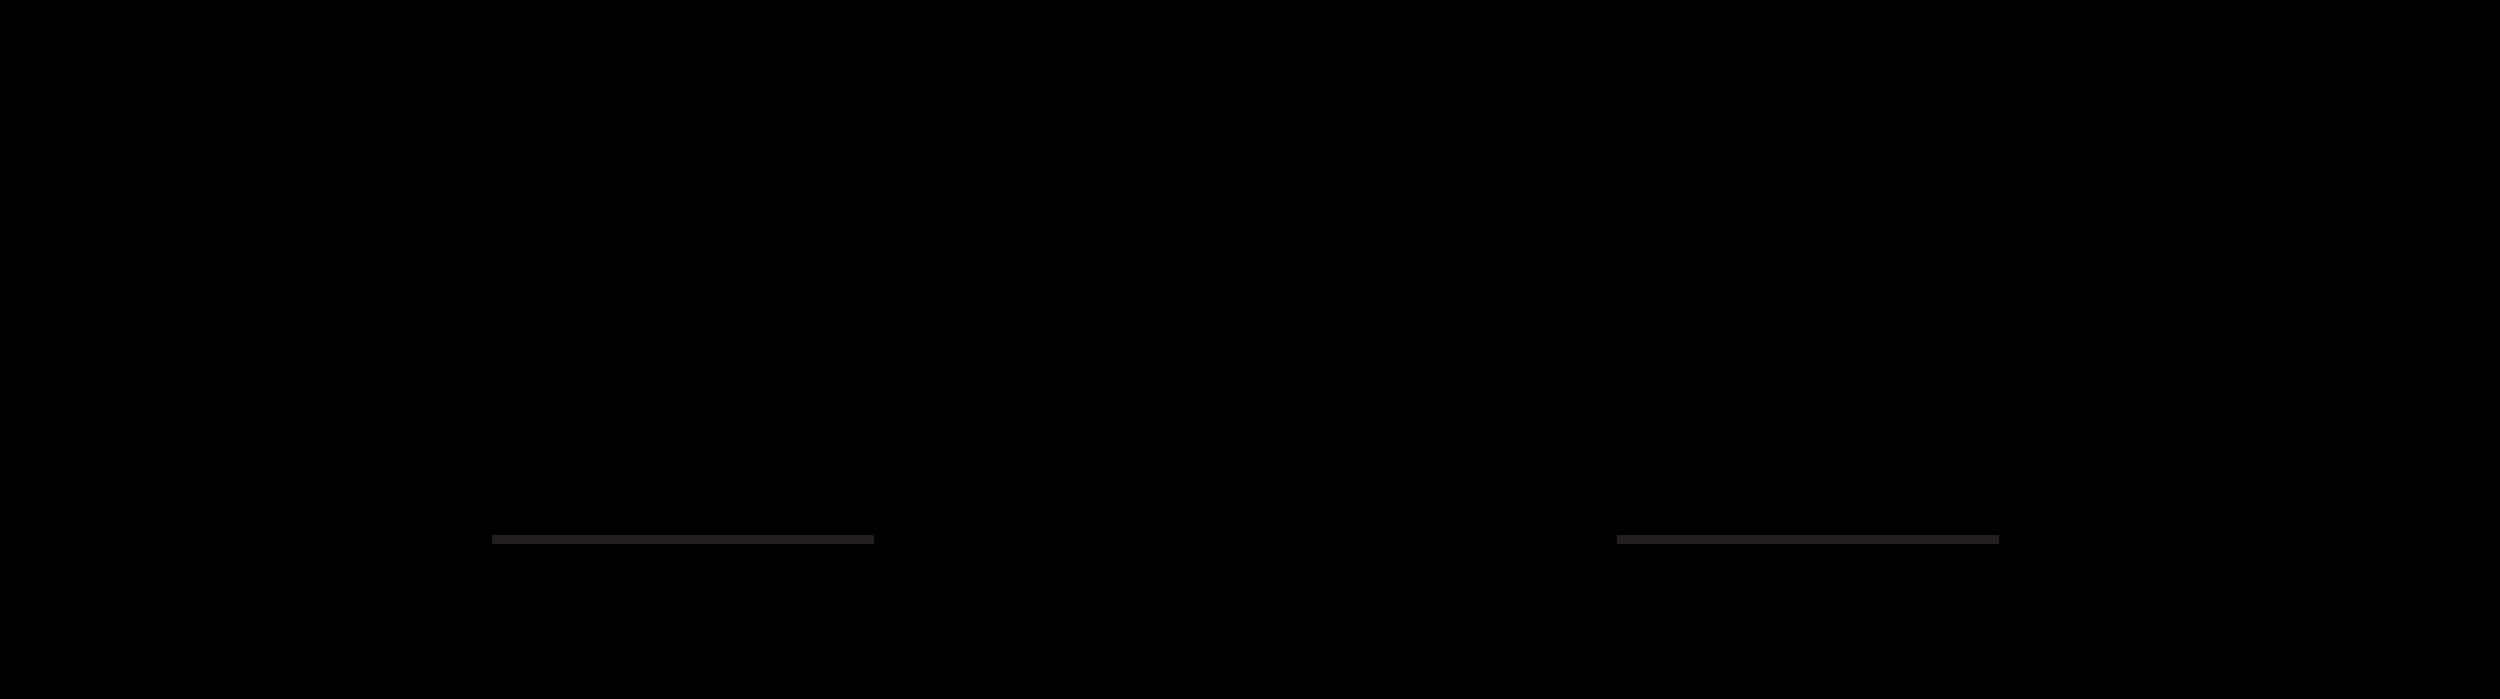 rif1-1.png